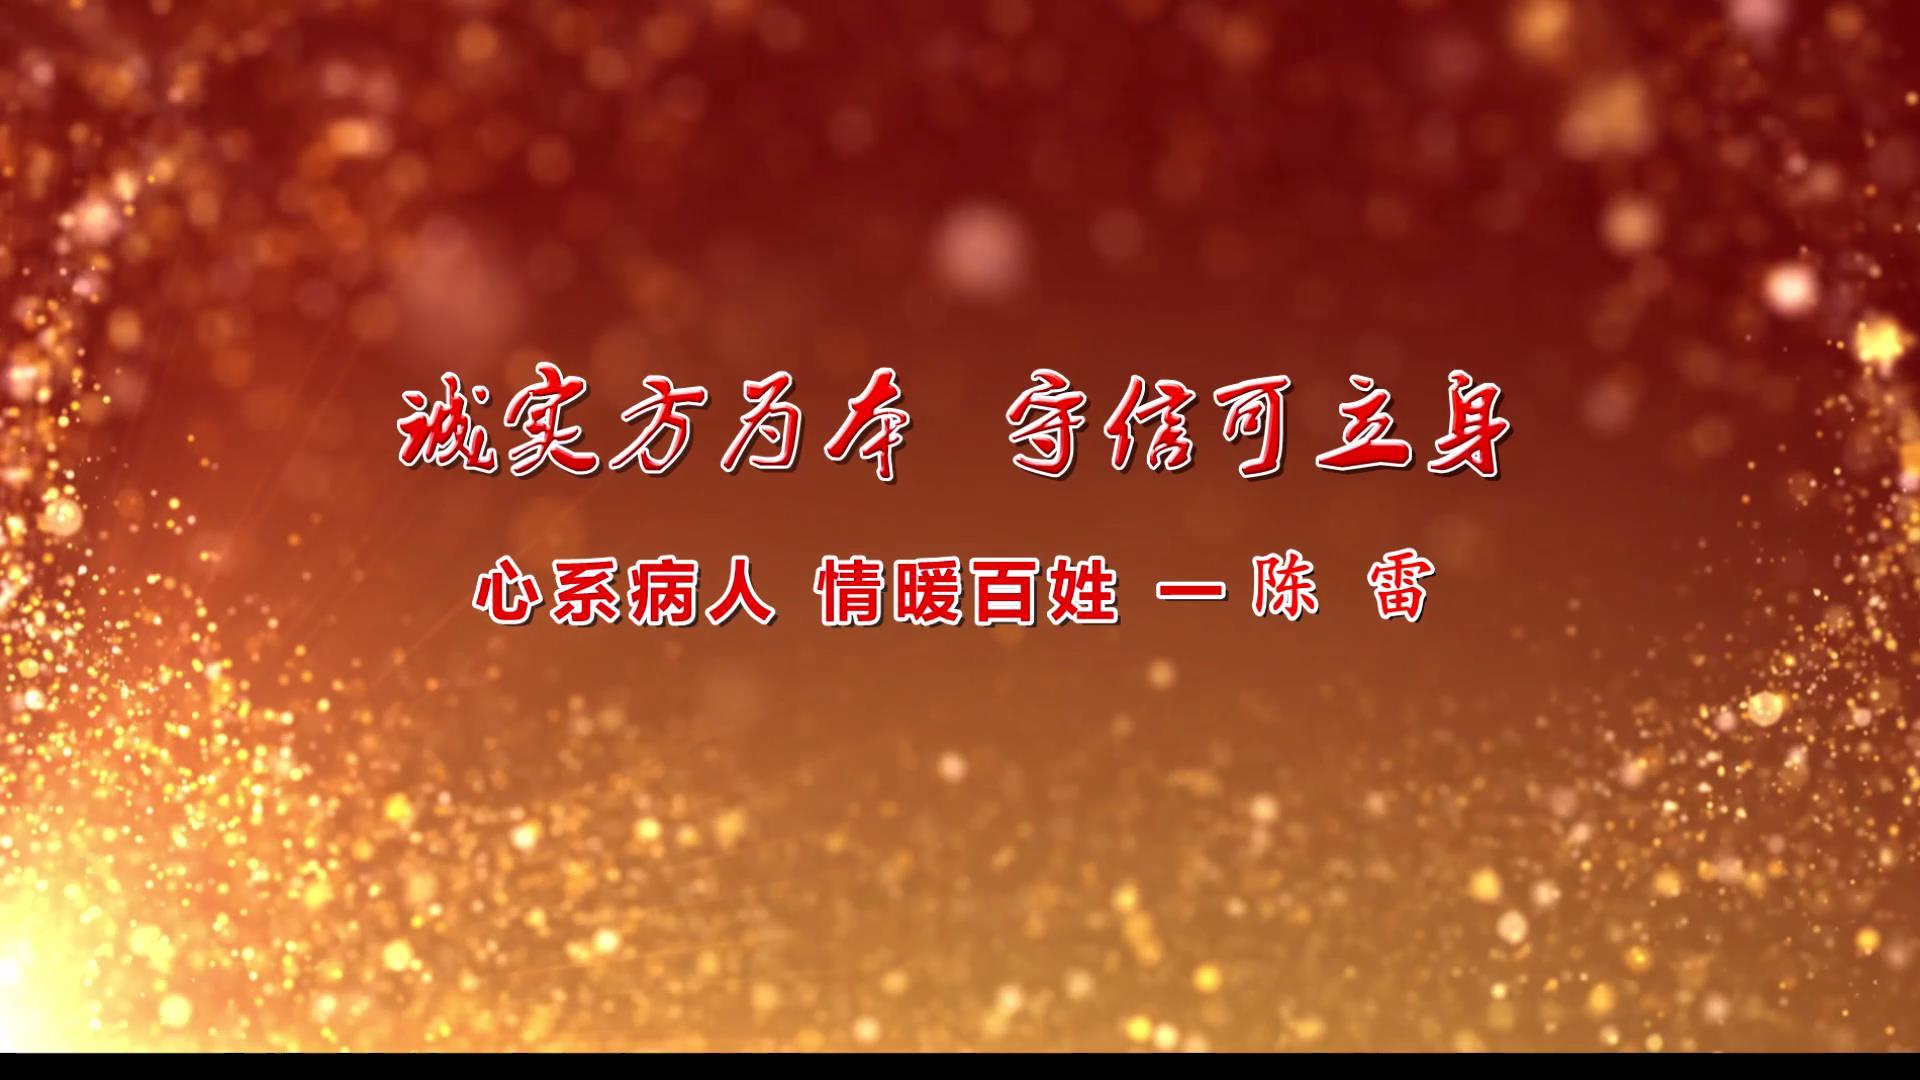 陈雷:诚实方为本 守信可立身[00_00_03][20190813-170339].jpg